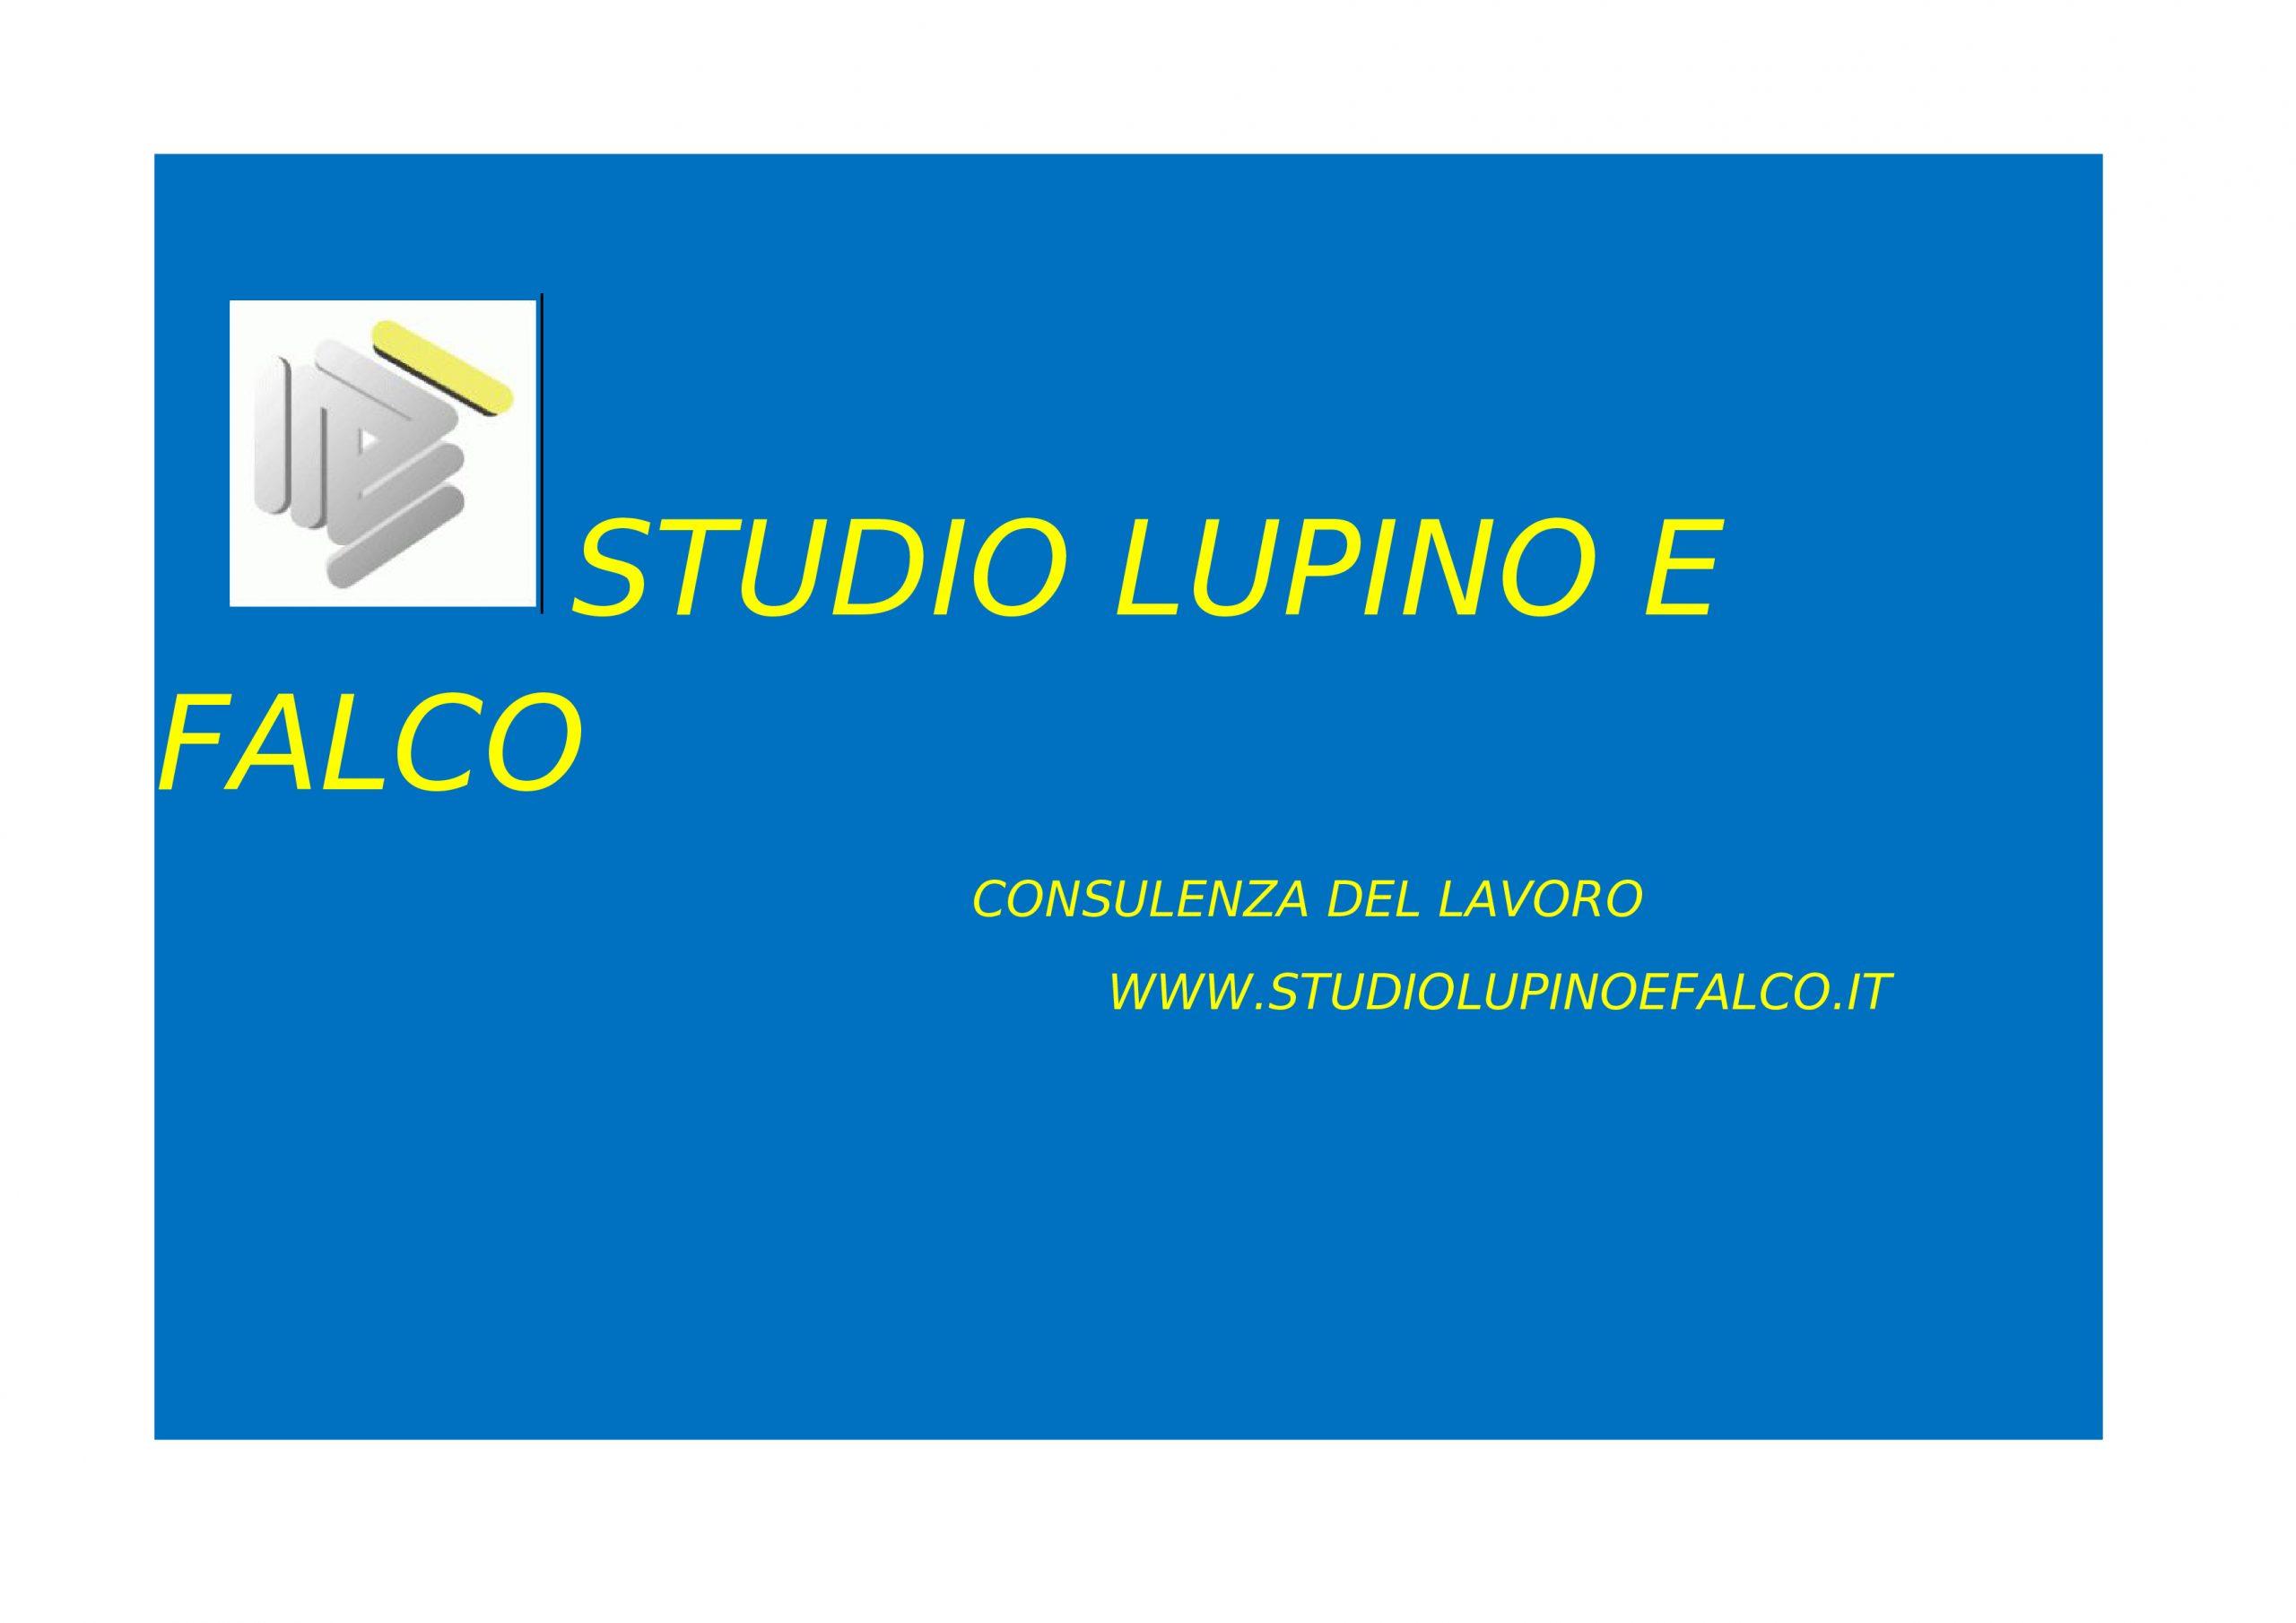 Studio Lupino e Falco